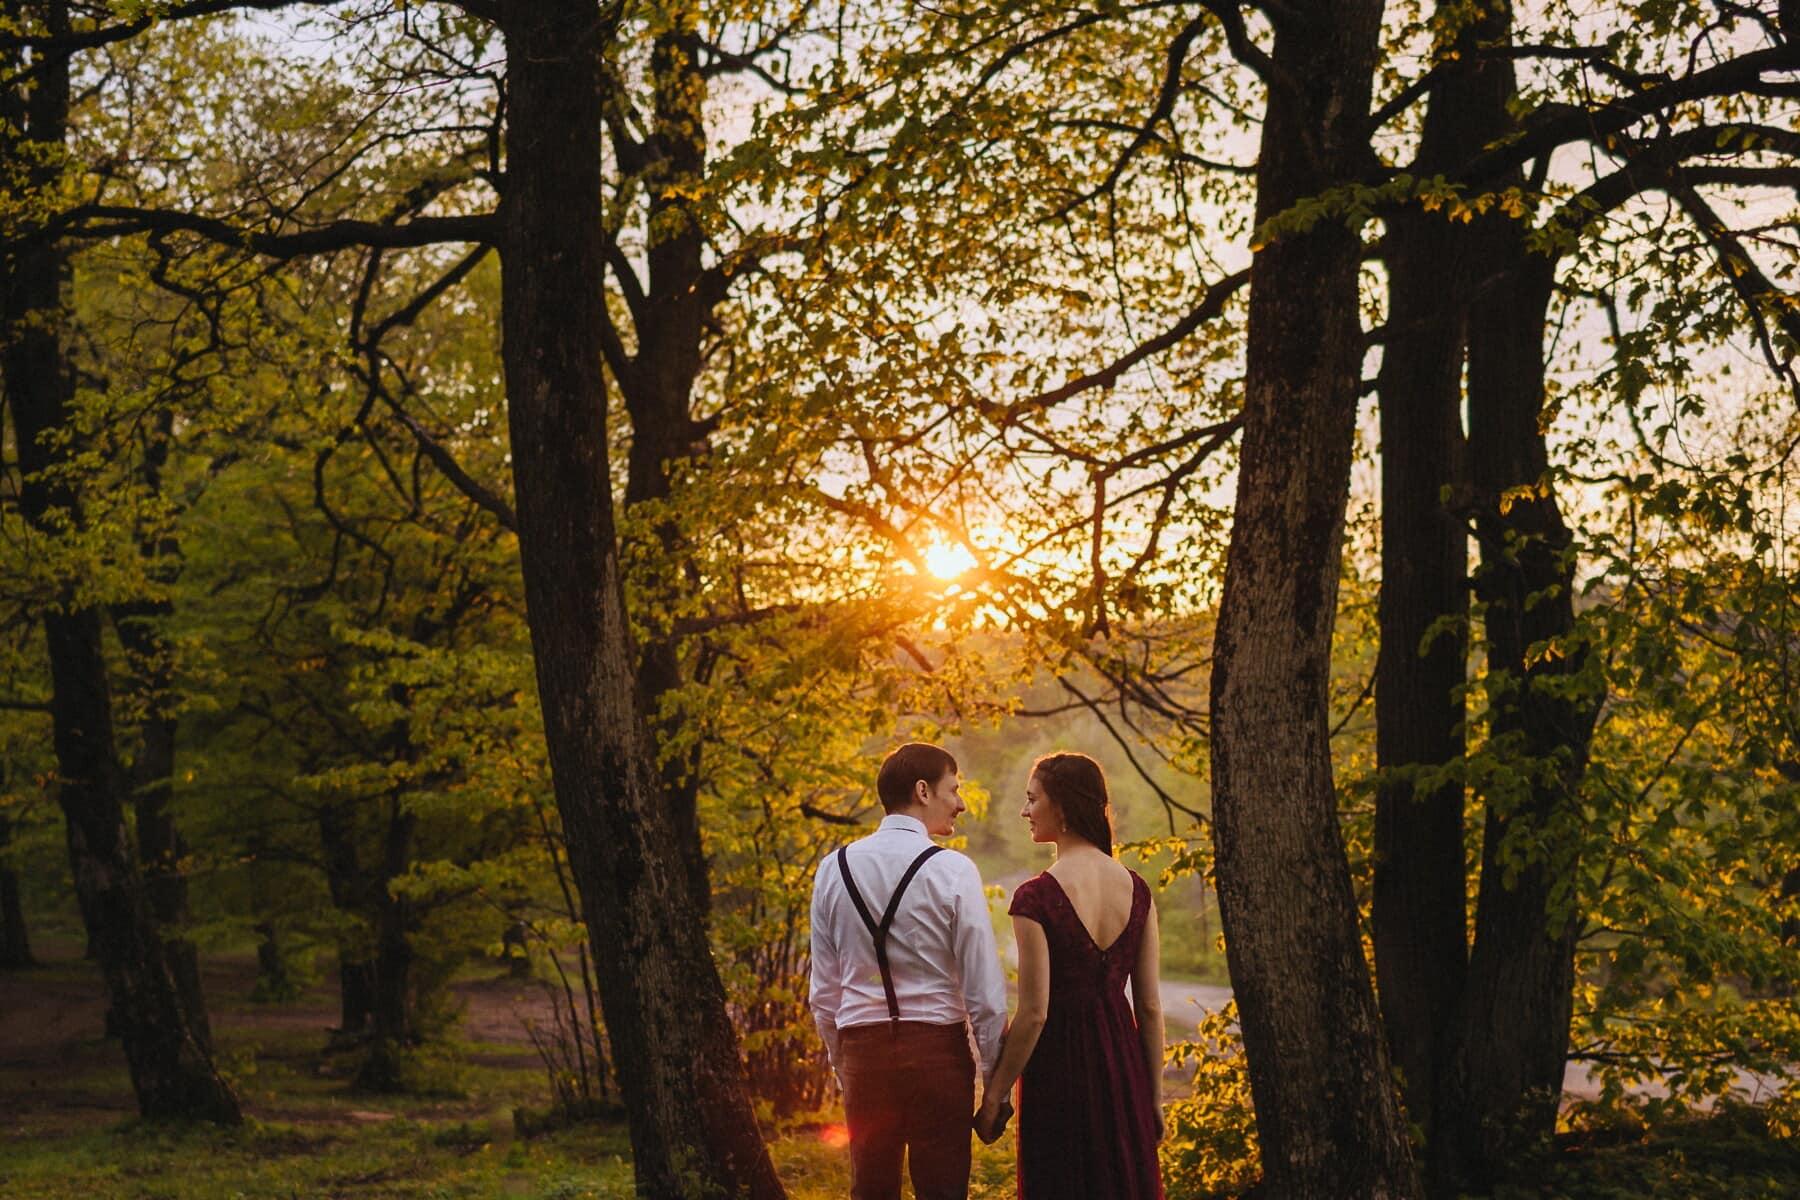 pertemuan cinta, matahari terbenam, kekasih, pacar, model tahun, pacar, lewat, emosi, daun, pohon